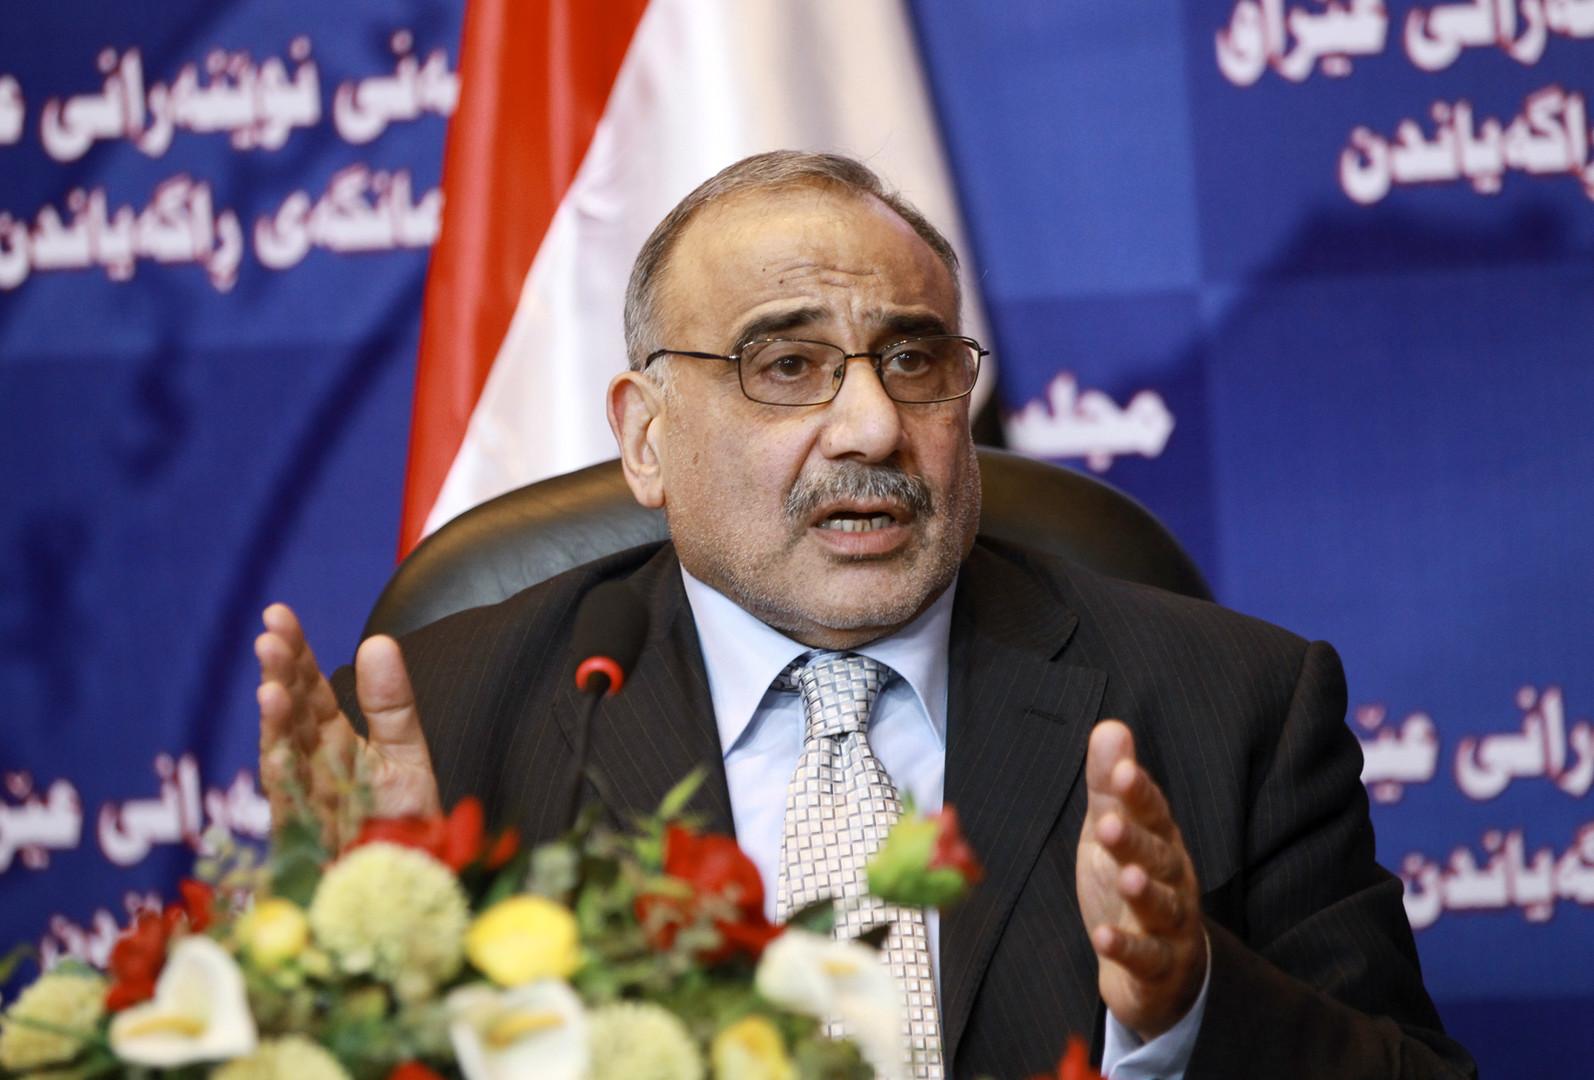 عبد المهدي: لا رغبة لدى واشنطن أو طهران بالحرب